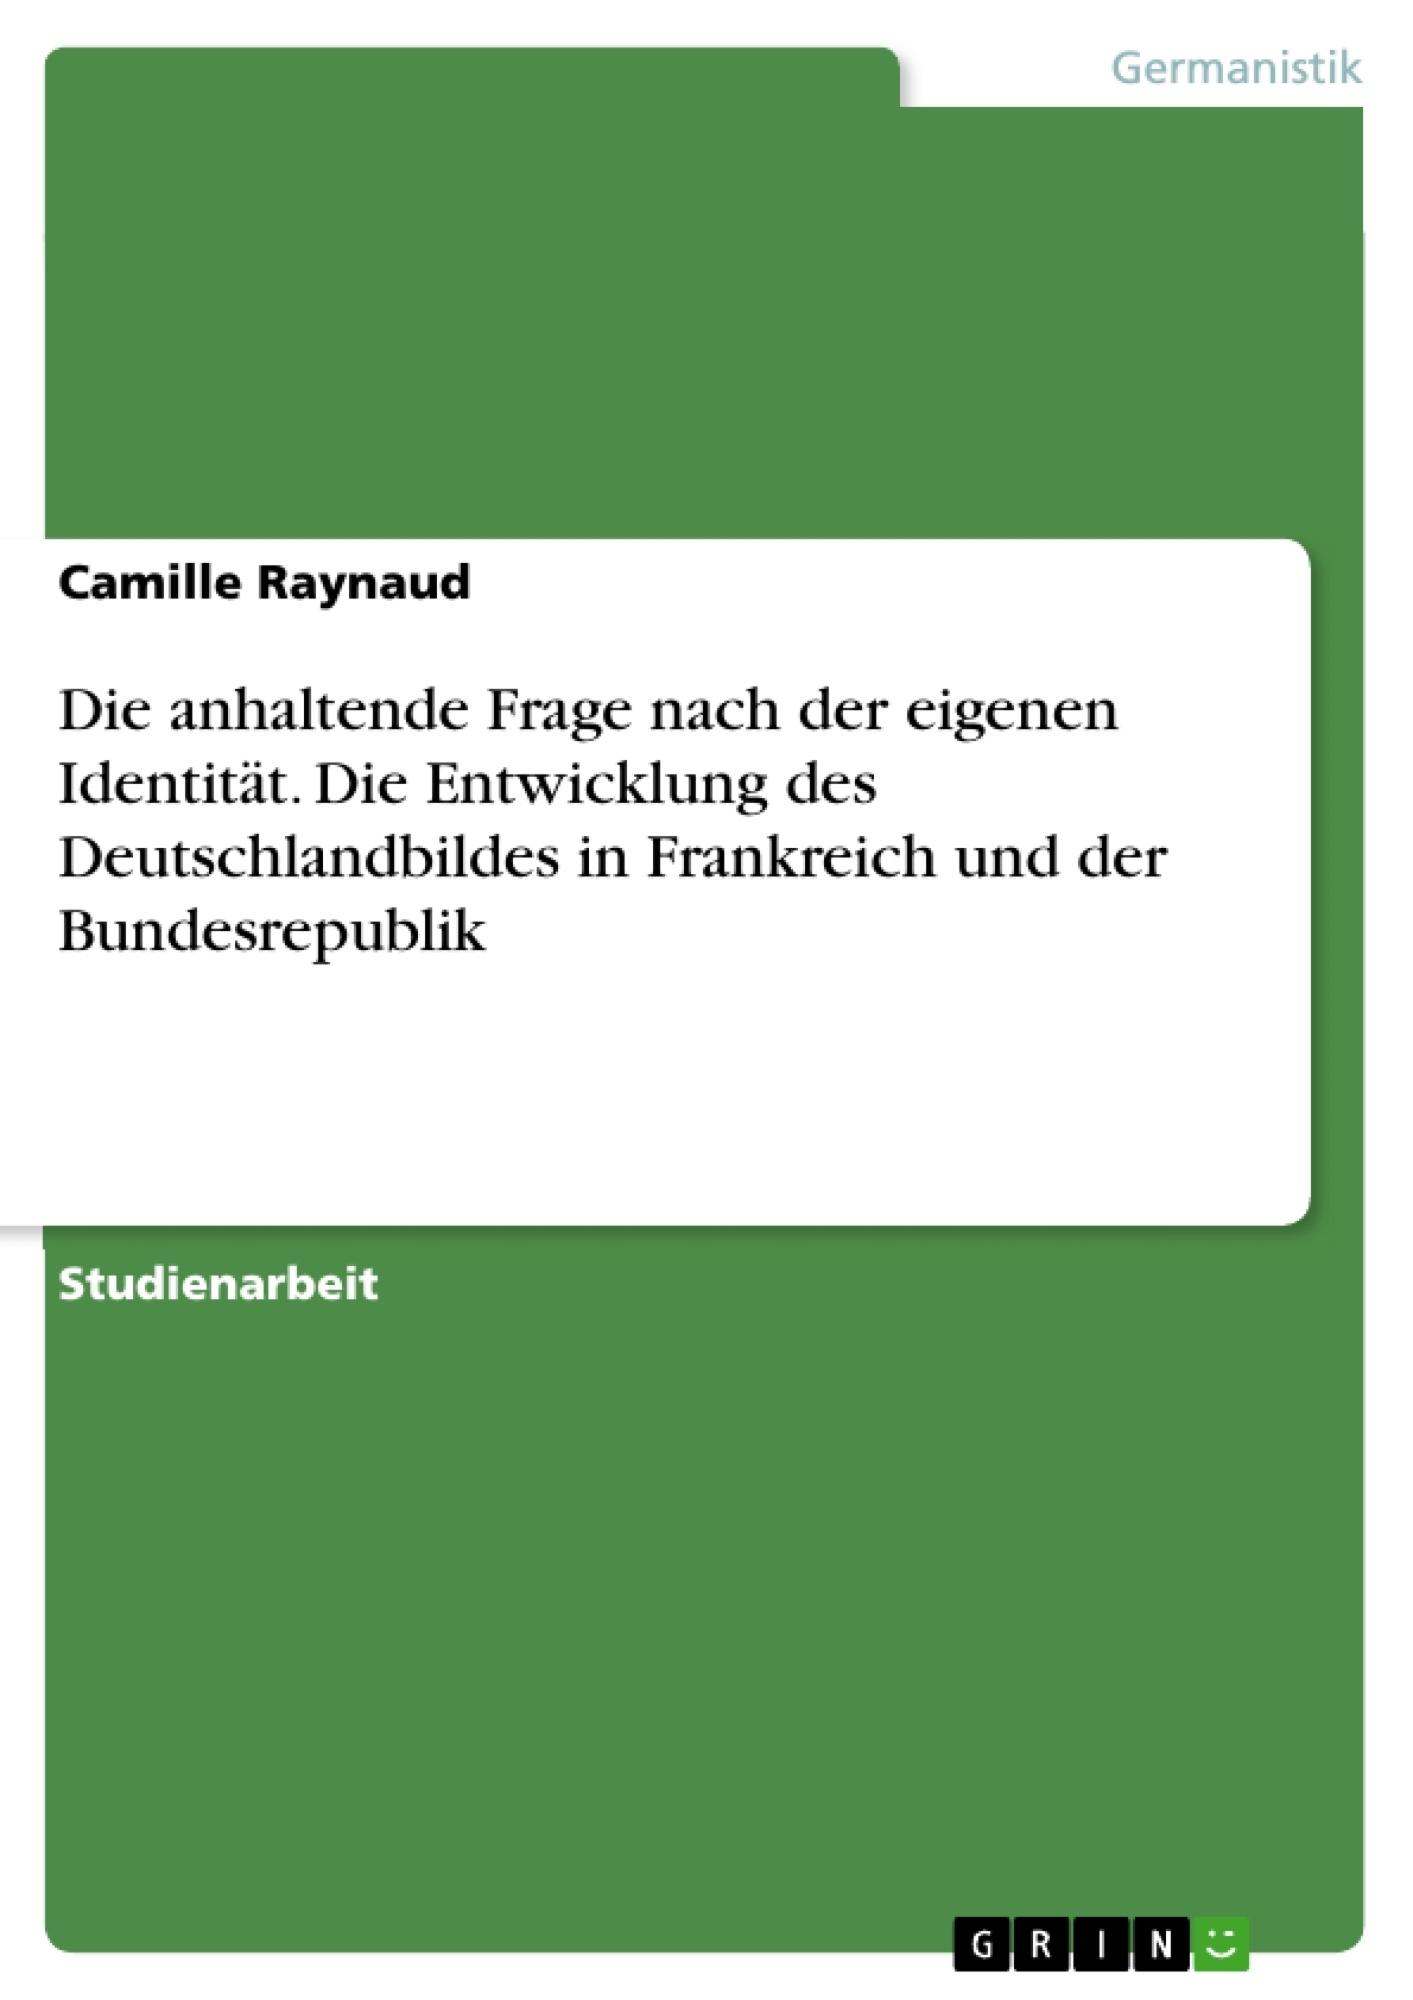 Titel: Die anhaltende Frage nach der eigenen Identität. Die Entwicklung des Deutschlandbildes in Frankreich und der Bundesrepublik